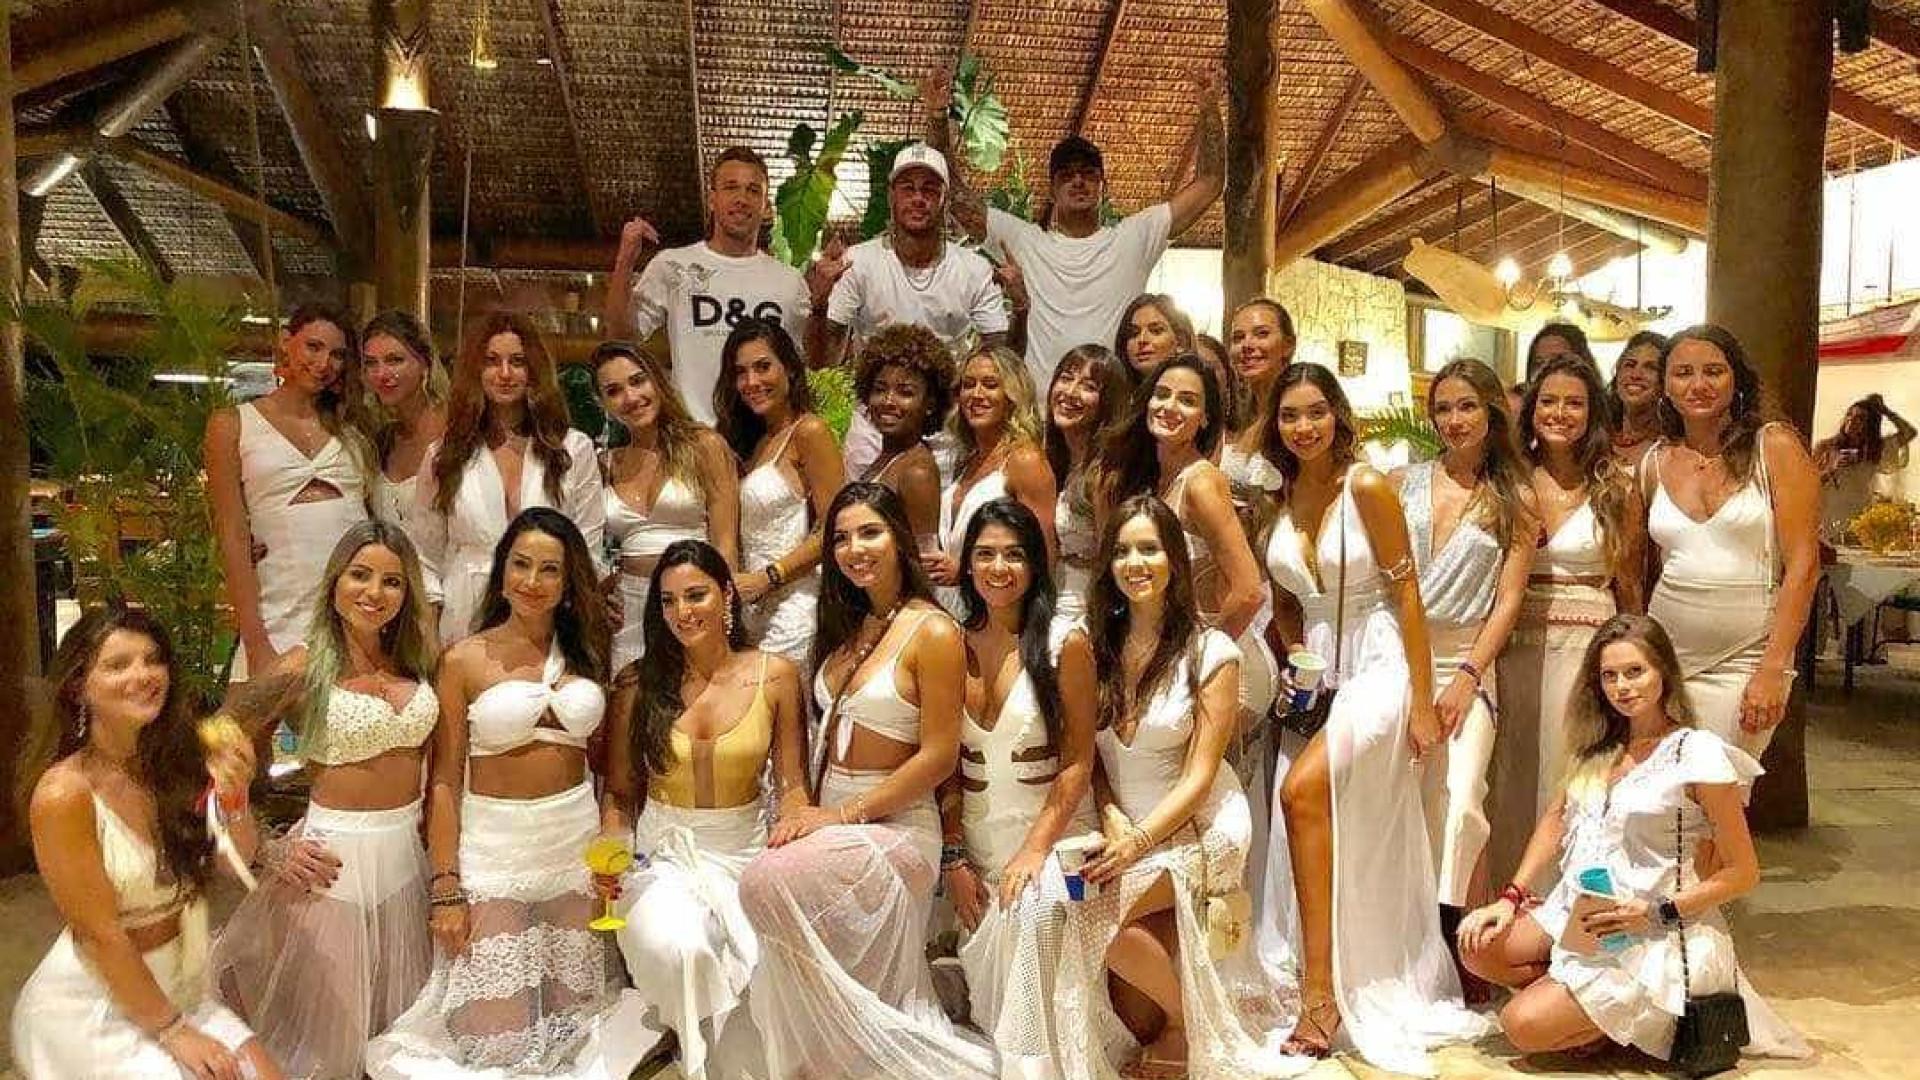 Neymar, Medina e Arthur Melo passam Ano Novo ao lado de 26 mulheres